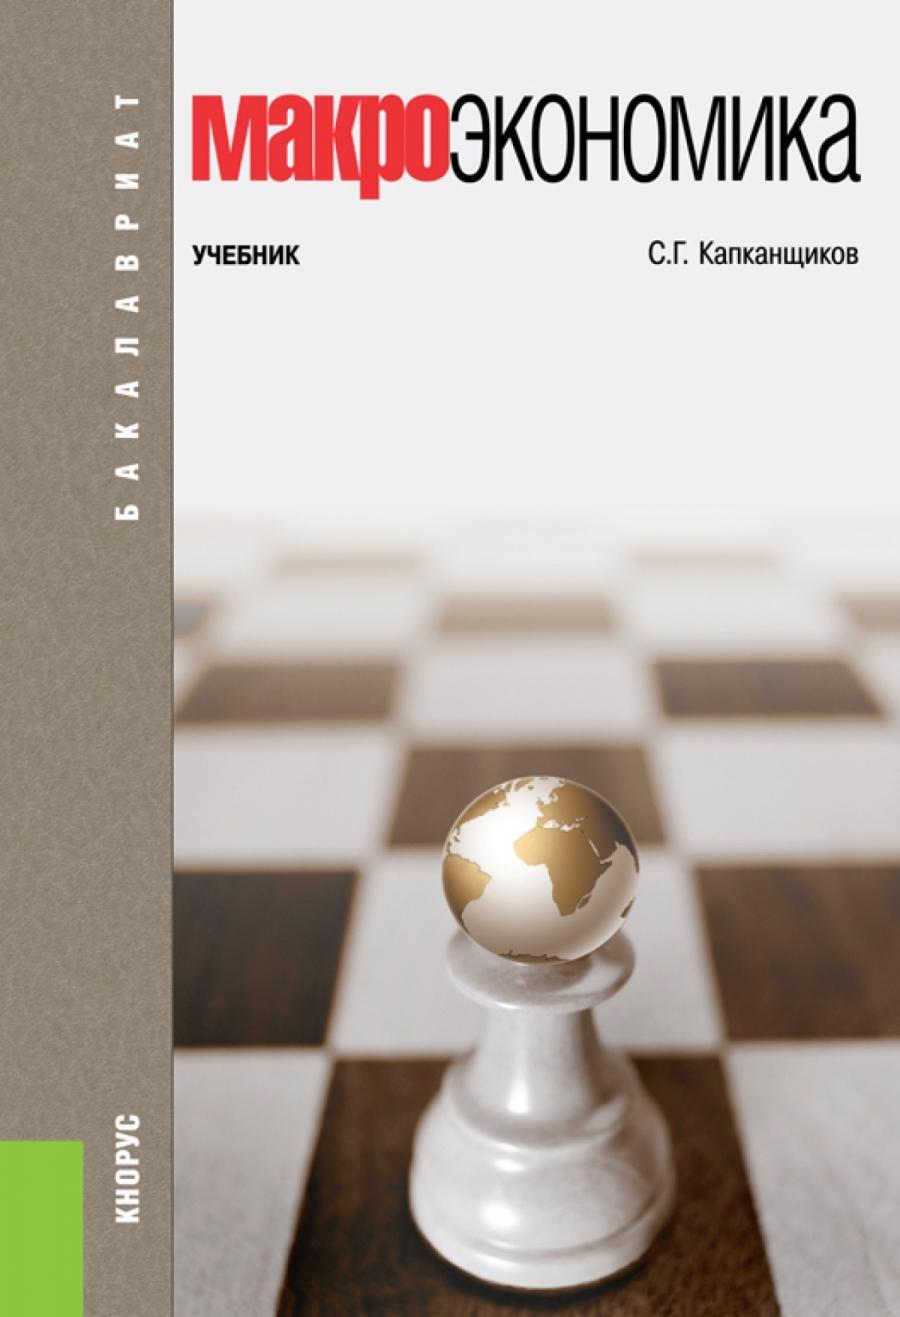 Обложка книги:  яллай в.а. - макроэкономика